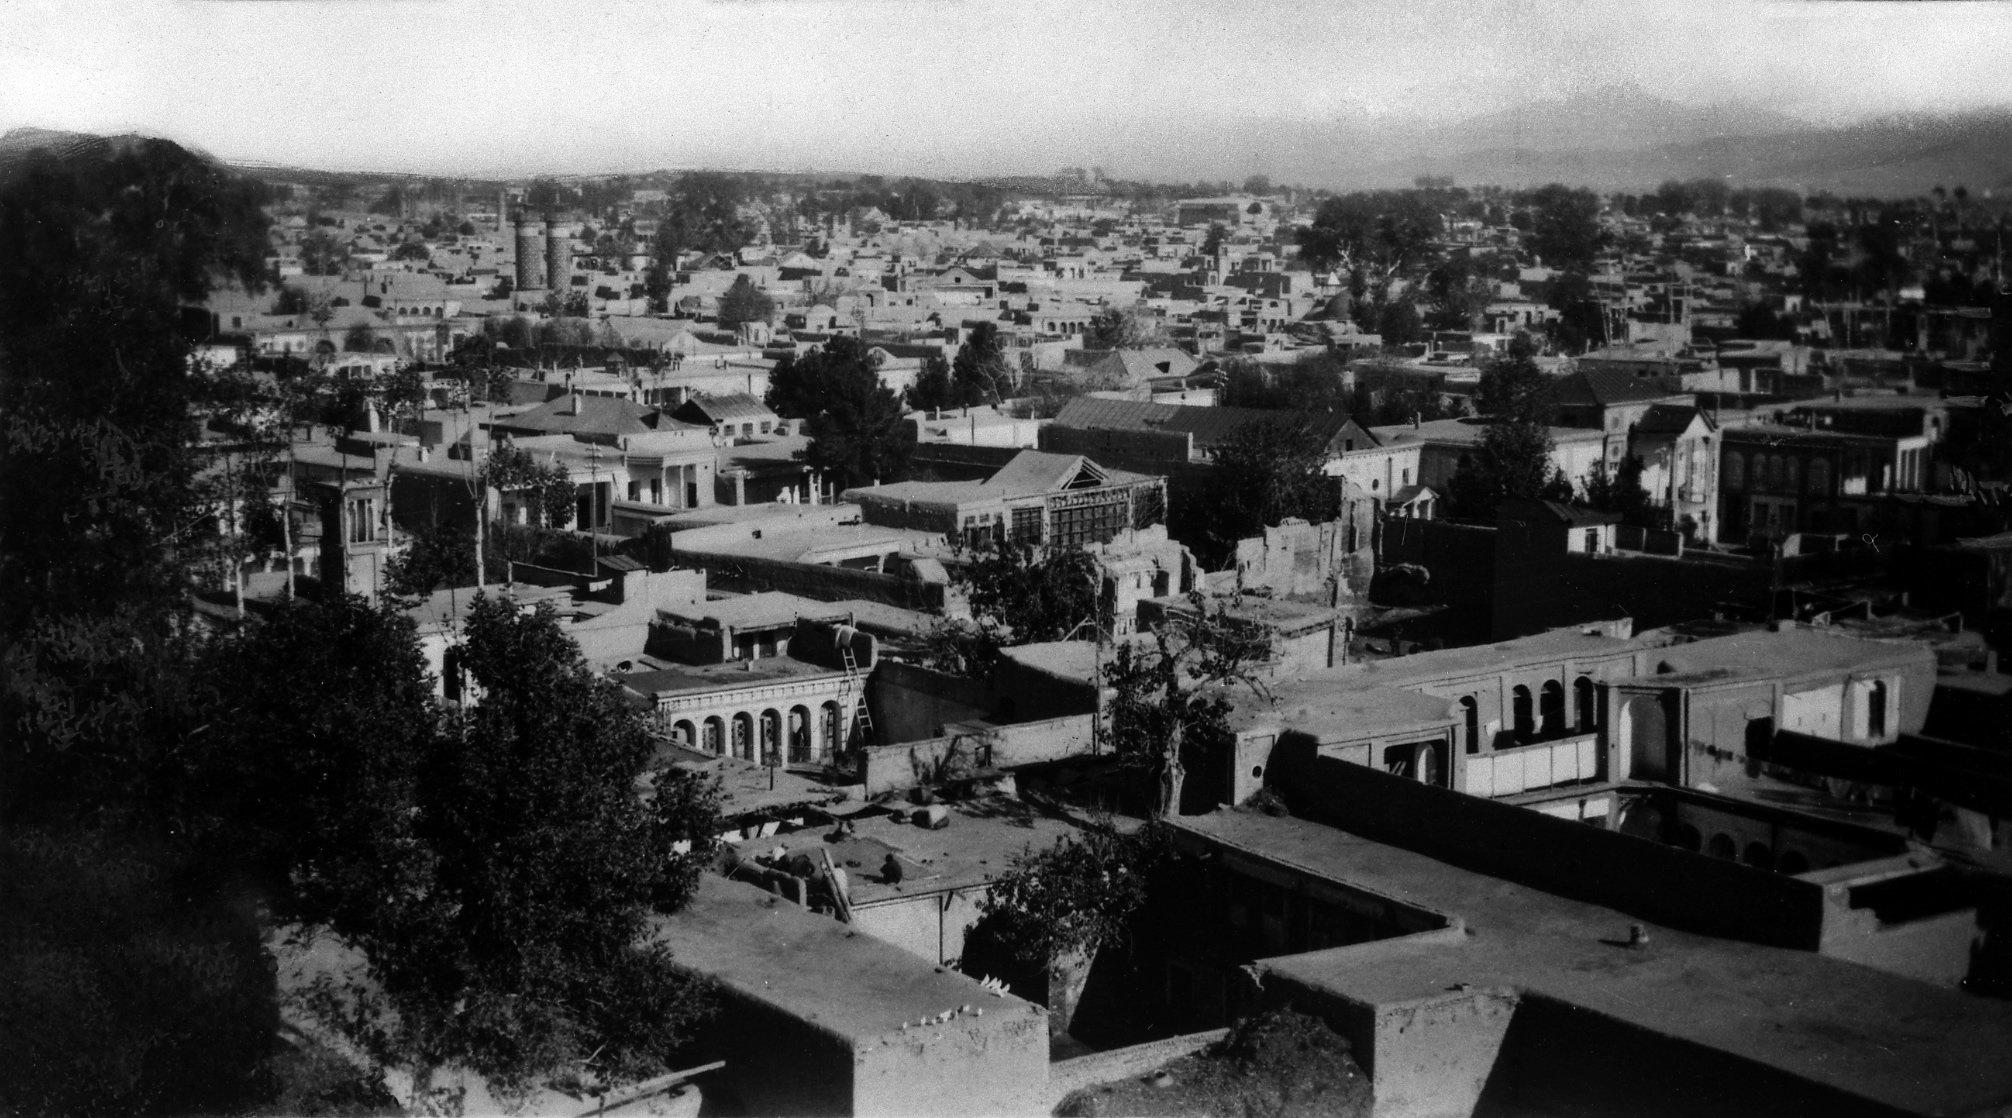 Tehran in 1930 by Effie Baker, a great Handmaiden of Bahá'u'lláh from New Zealand